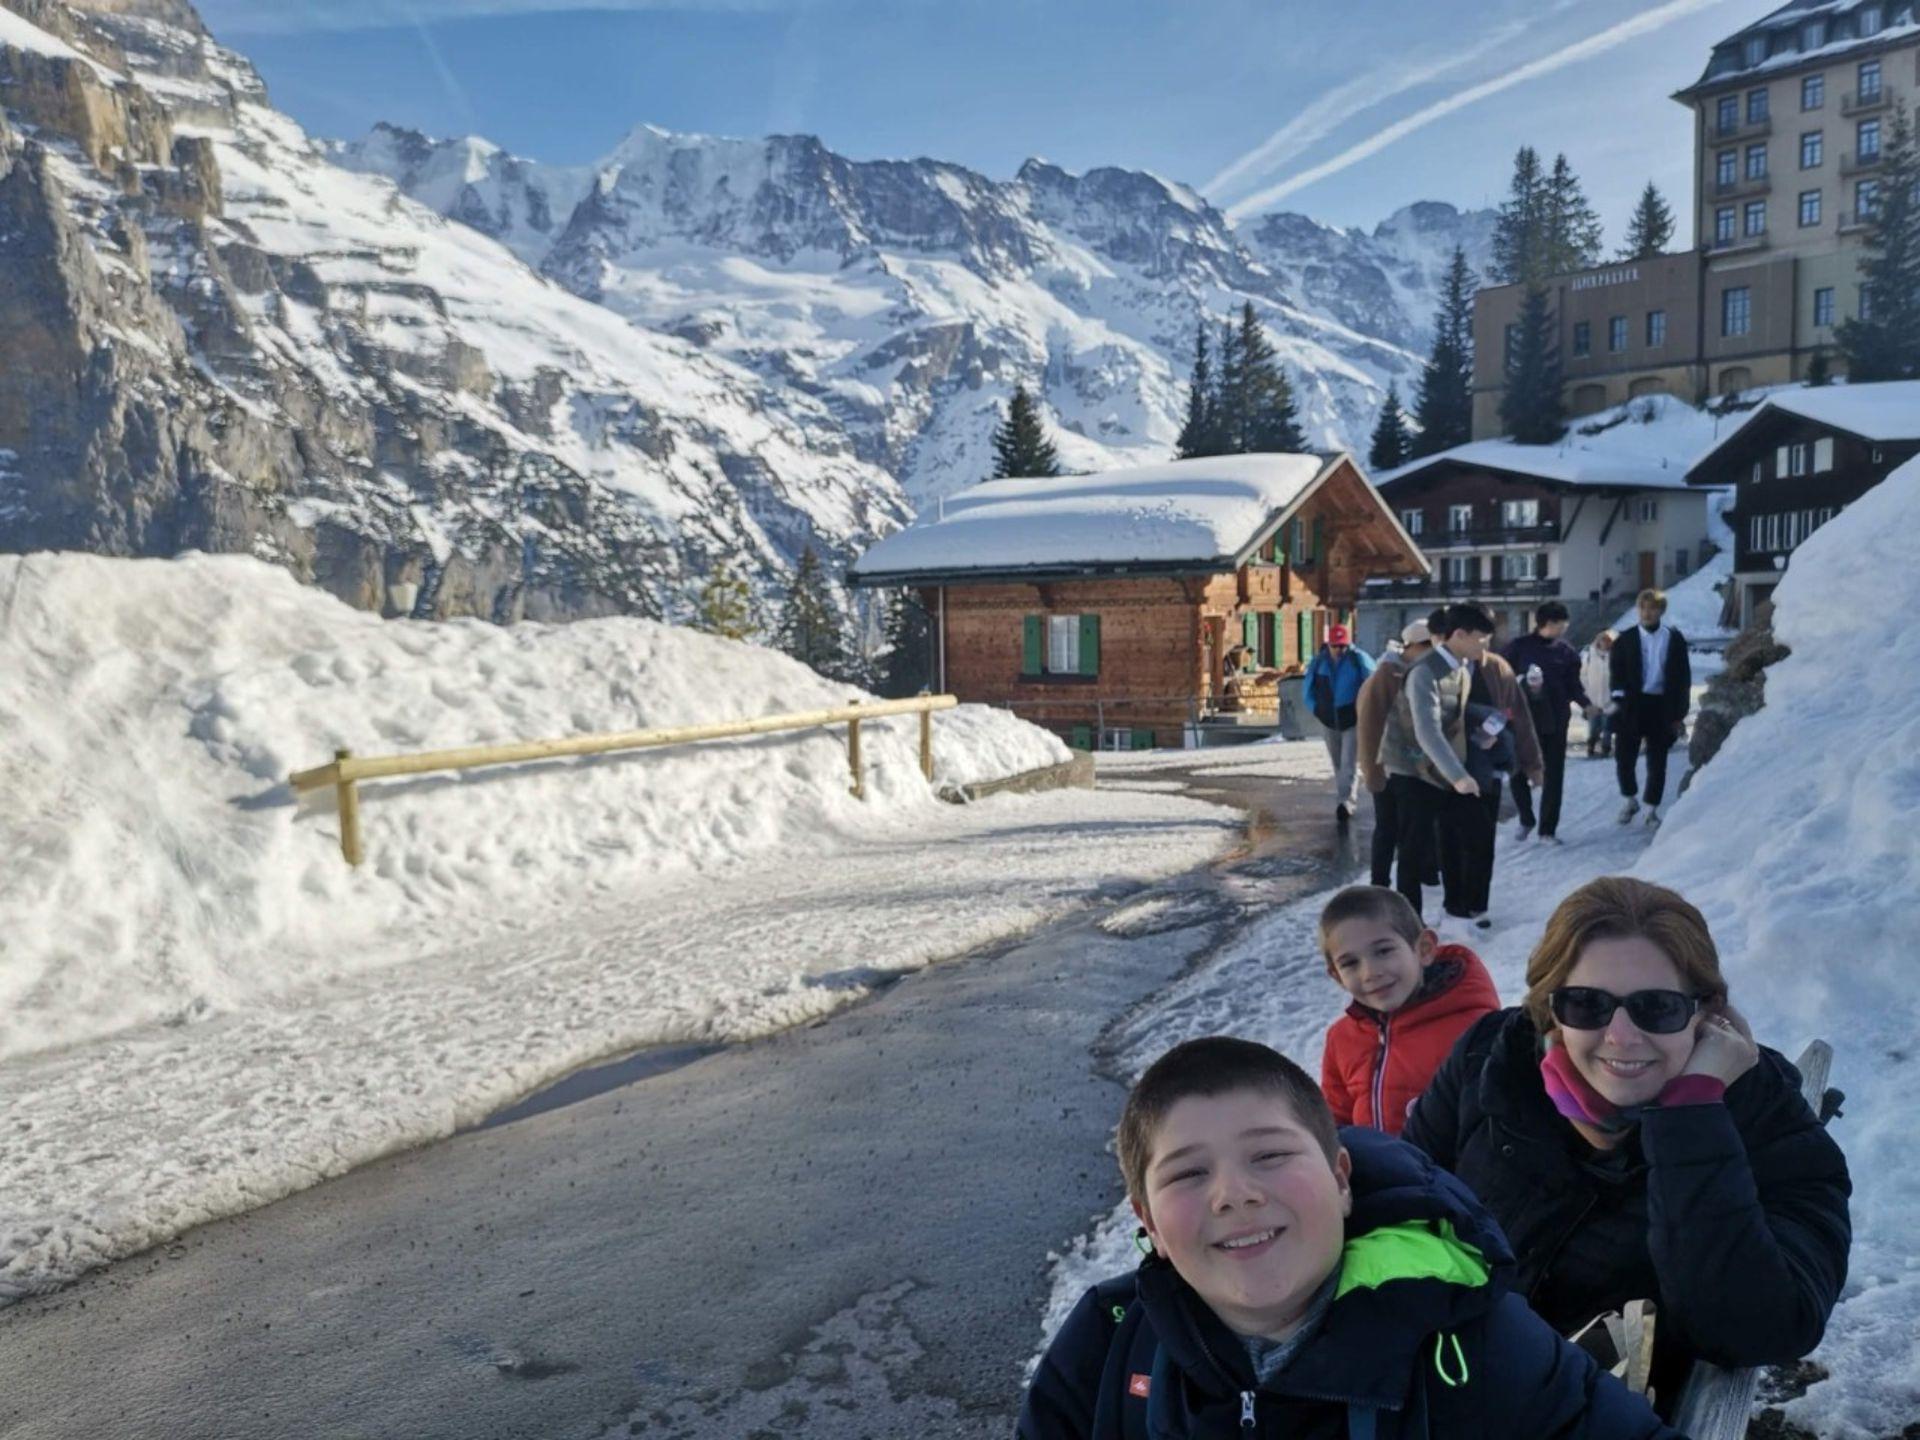 Disfrutando de la nieve con sus hijos en Mürren ( una localidad suiza situada en la comuna de Lauterbrunnen, en el cantón de Berna)